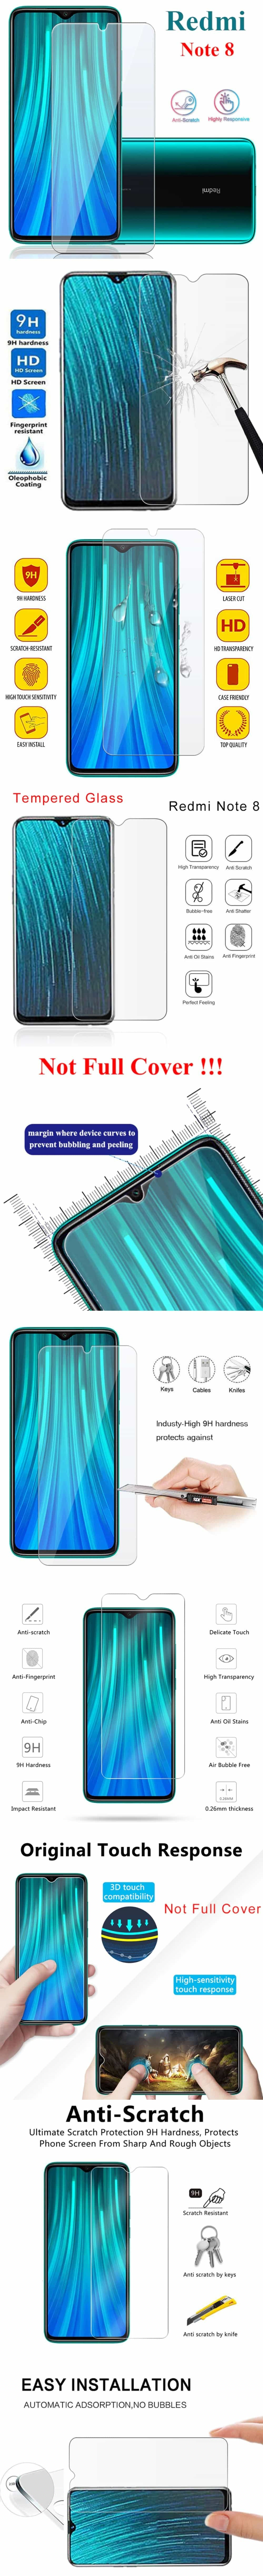 Prezentare-Folie-sticla-Xiaomi-Redmi-Note-8888295d6599a470d.jpg